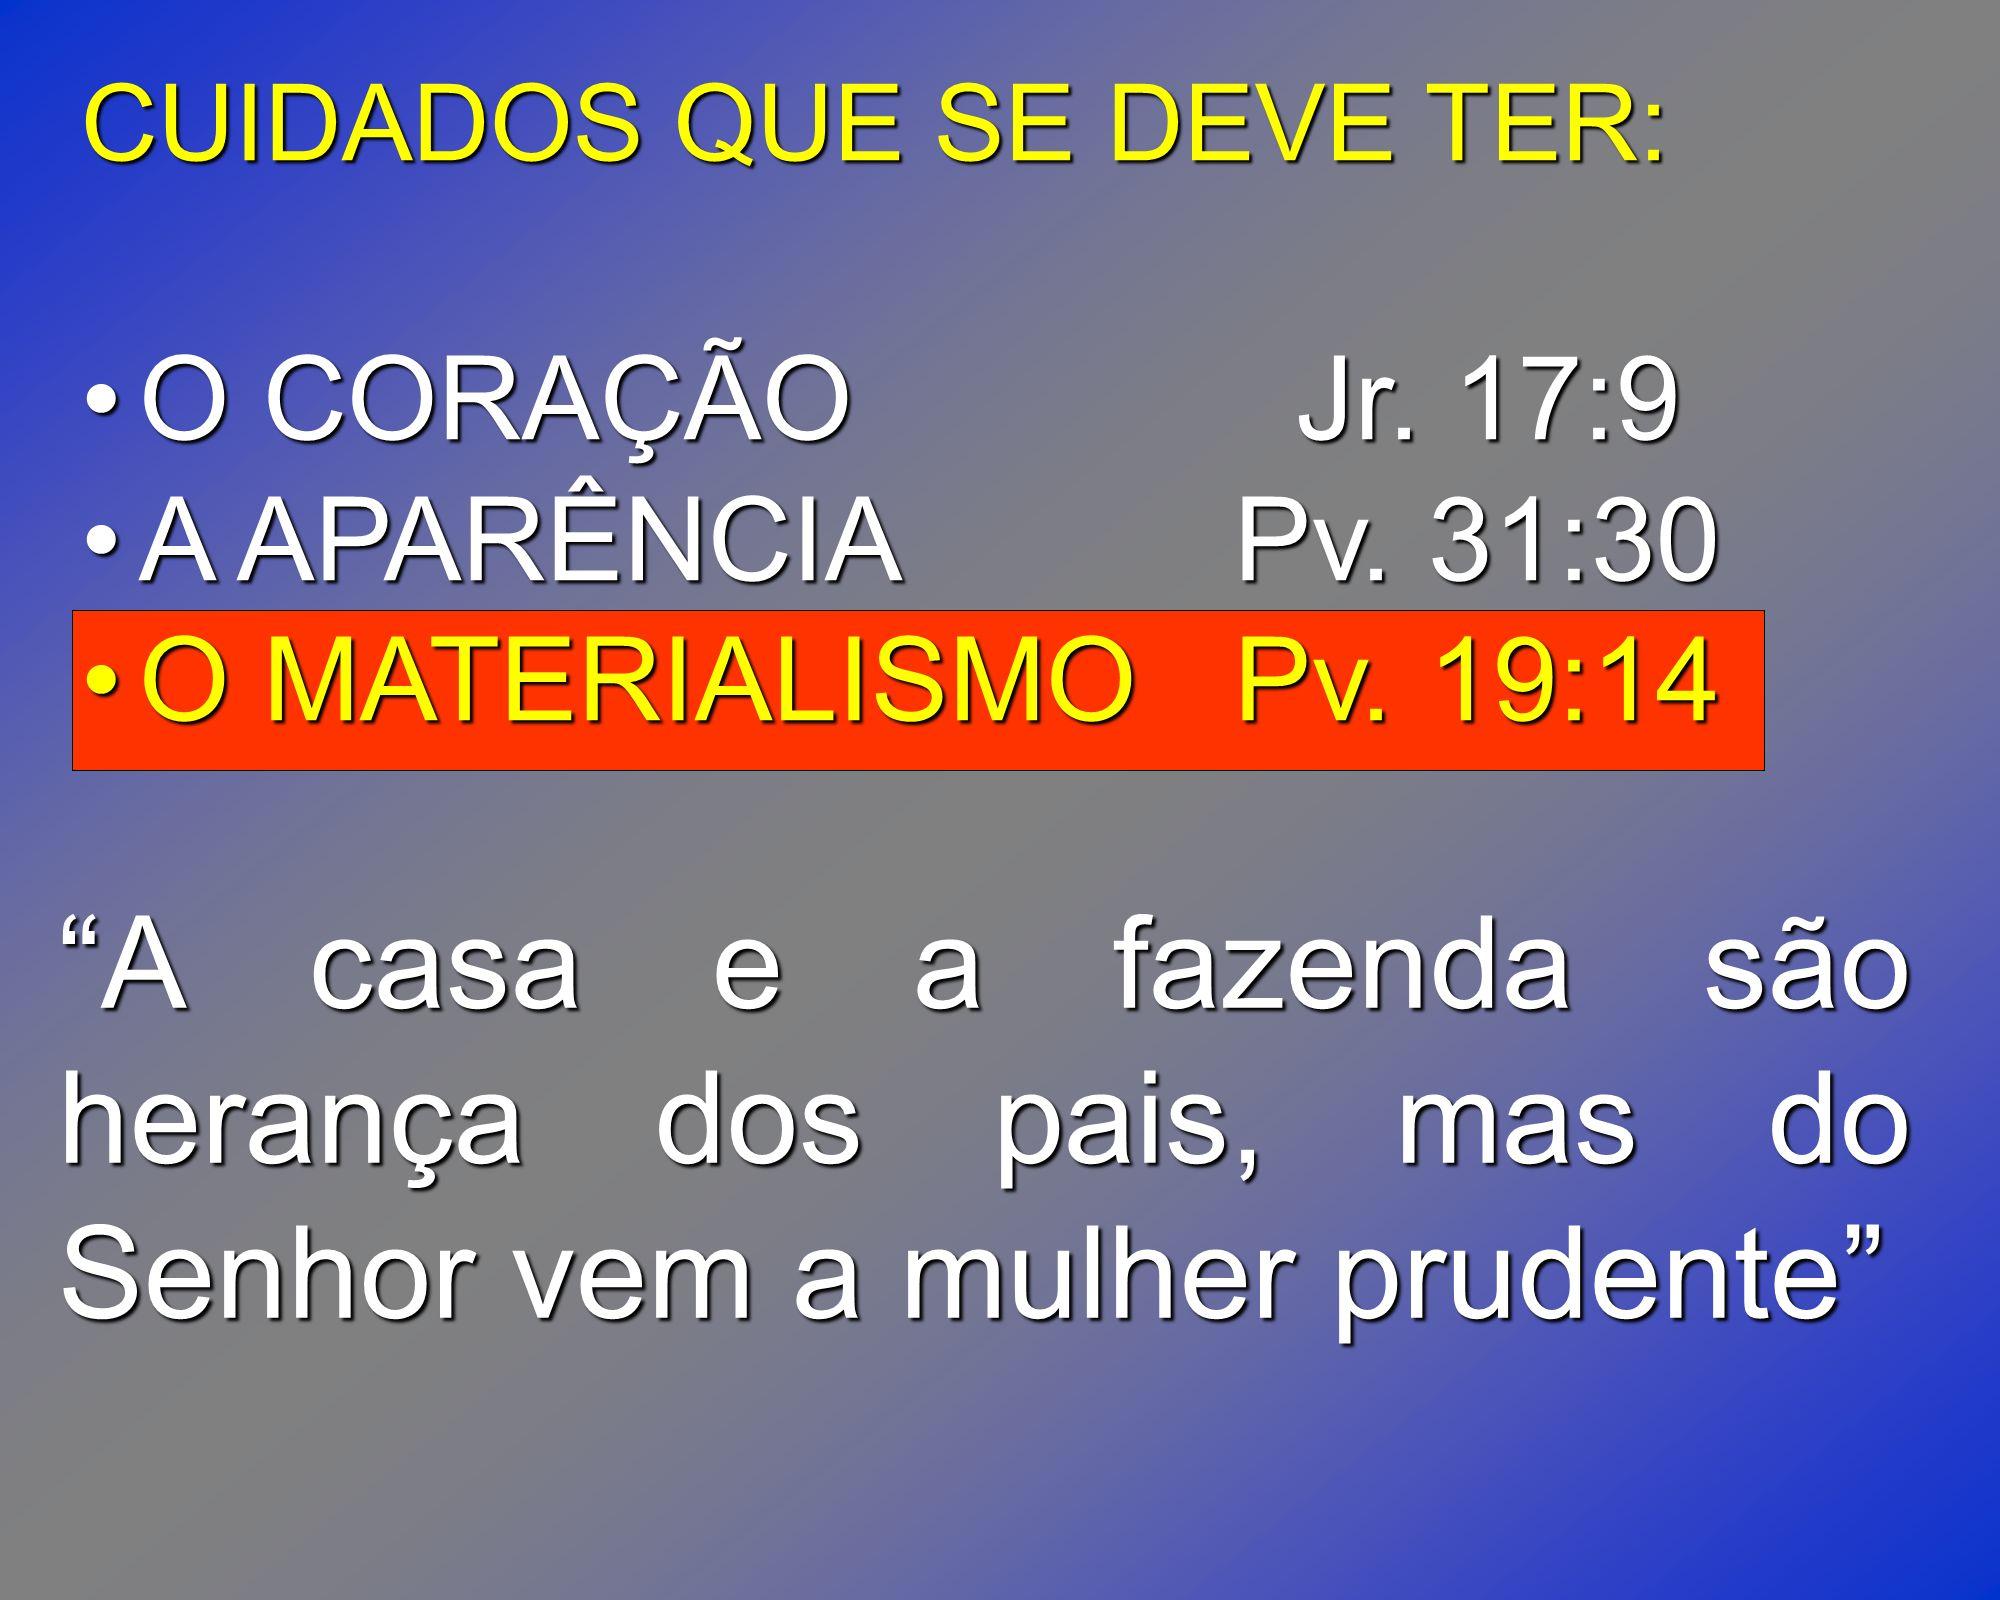 CUIDADOS QUE SE DEVE TER: O CORAÇÃO Jr. 17:9O CORAÇÃO Jr. 17:9 A APARÊNCIAPv. 31:30A APARÊNCIAPv. 31:30 O MATERIALISMOPv. 19:14O MATERIALISMOPv. 19:14